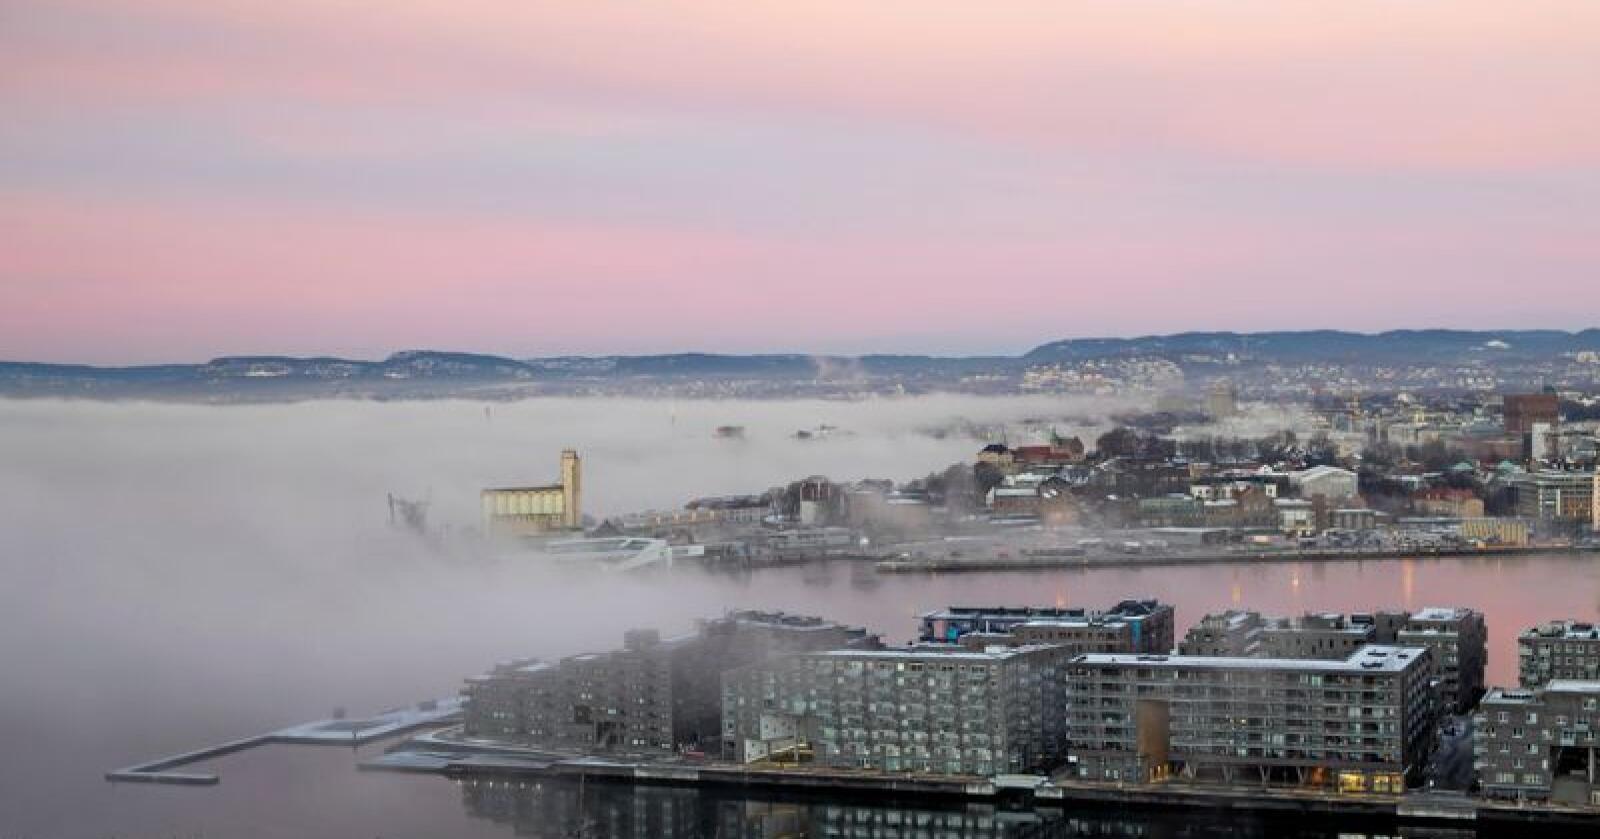 Boligblokkene på Sørenga og Vippetangen i Oslo sett fra Ekebergrestauranten. Foto: Håkon Mosvold Larsen / NTB scanpix